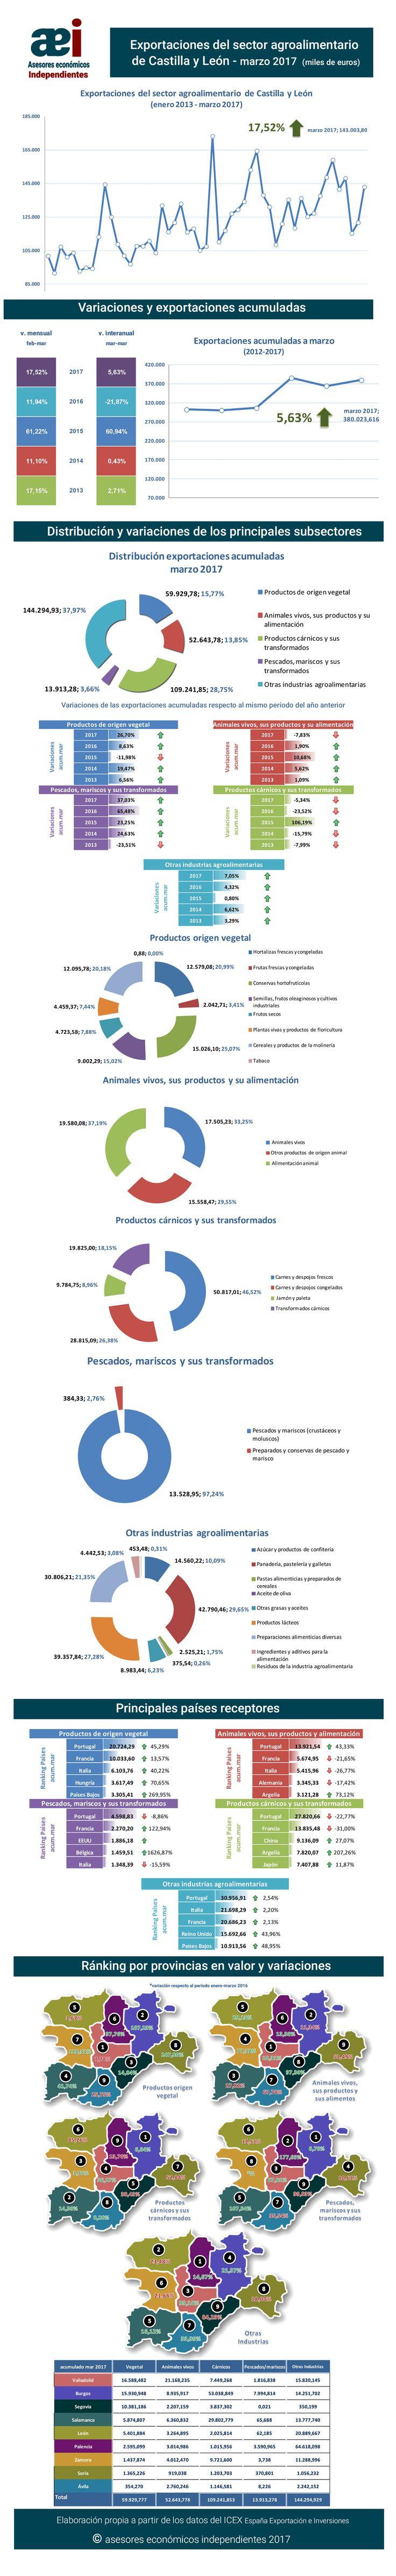 infografía de exportaciones del sector agroalimentario de Castilla y León en el mes de marzo 2017 realizada por Javier Méndez Lirón